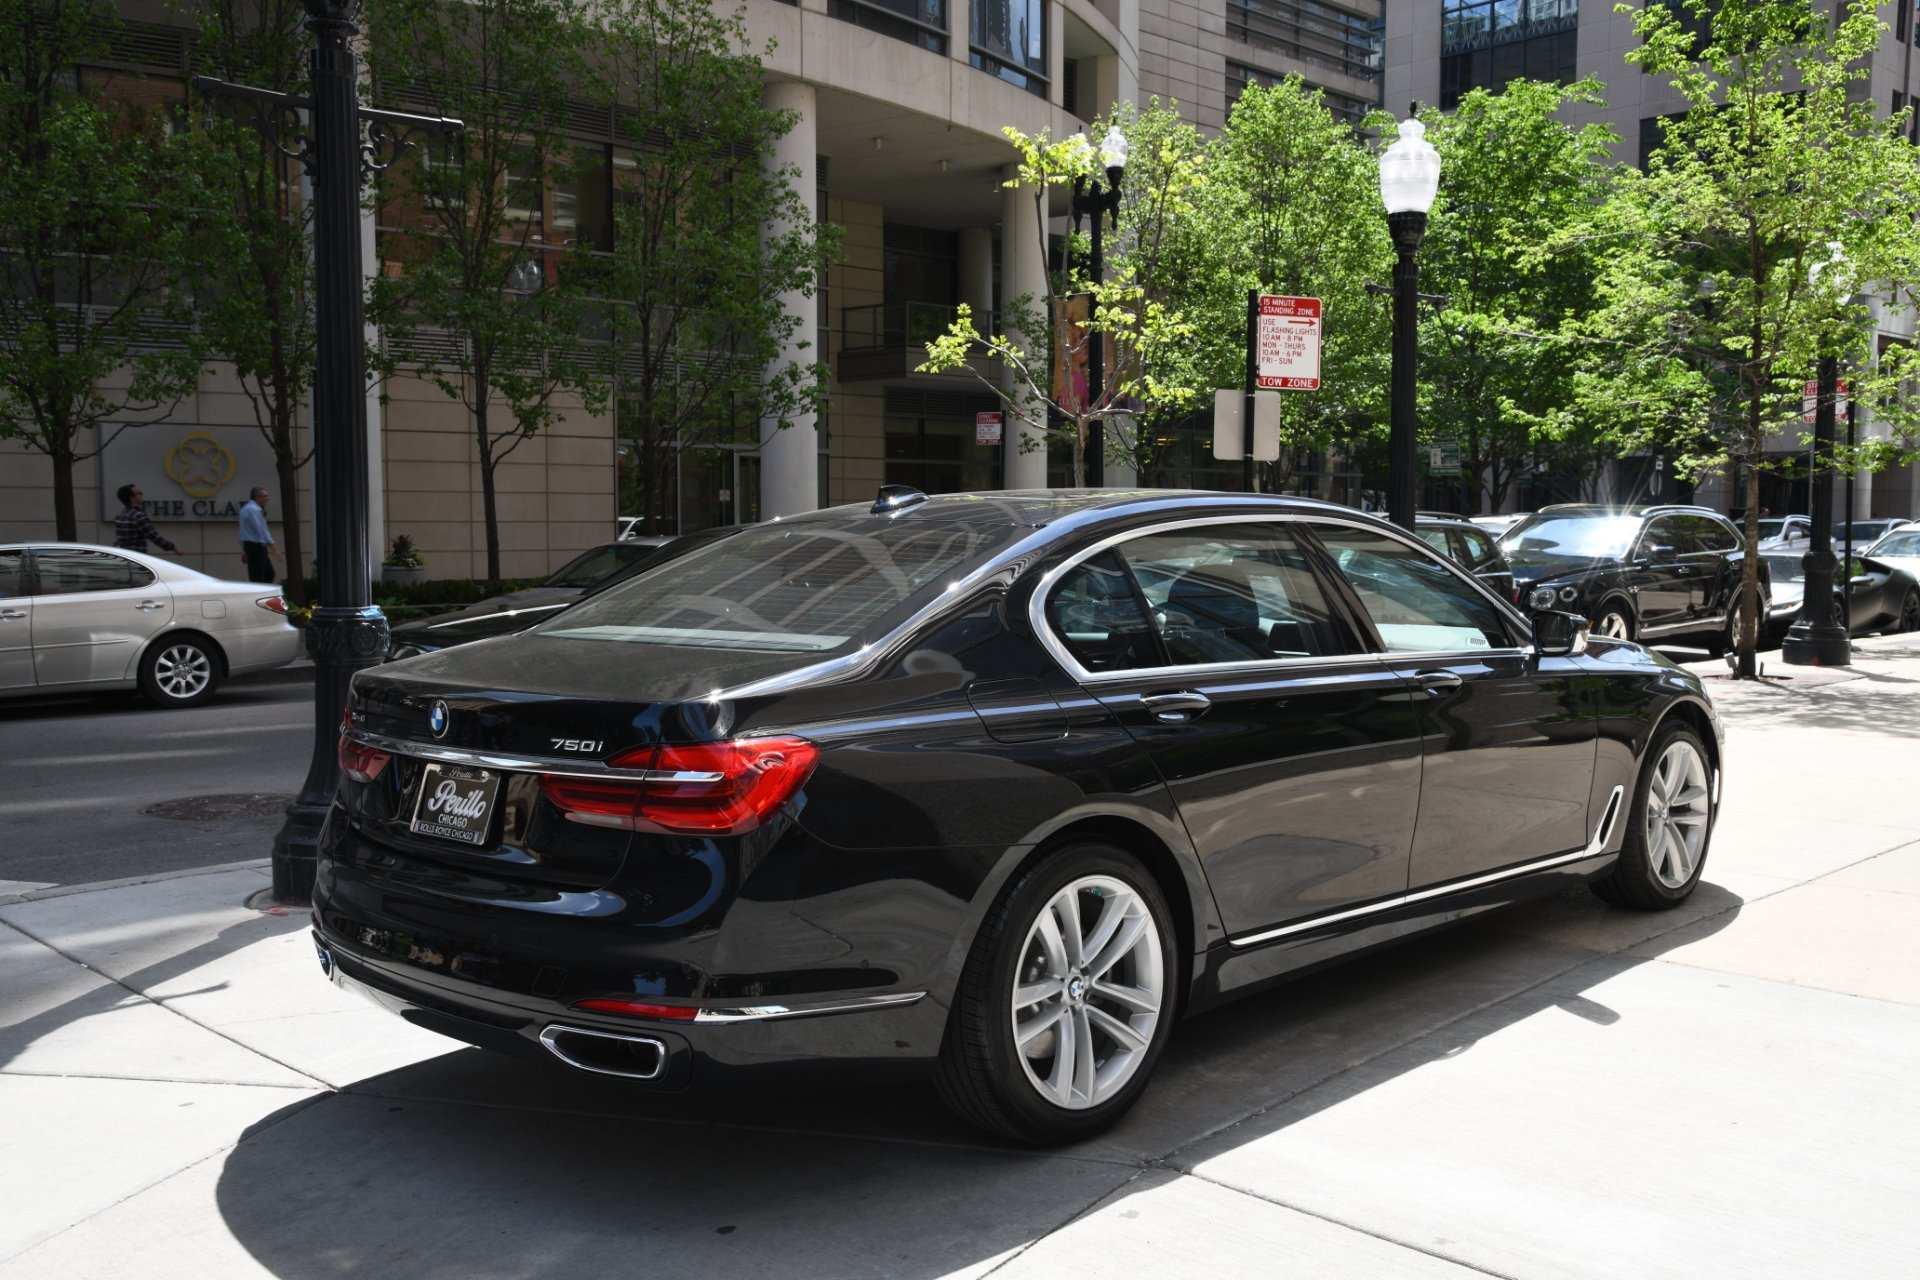 39 Great 2020 BMW 750Li Xdrive Spy Shoot for 2020 BMW 750Li Xdrive